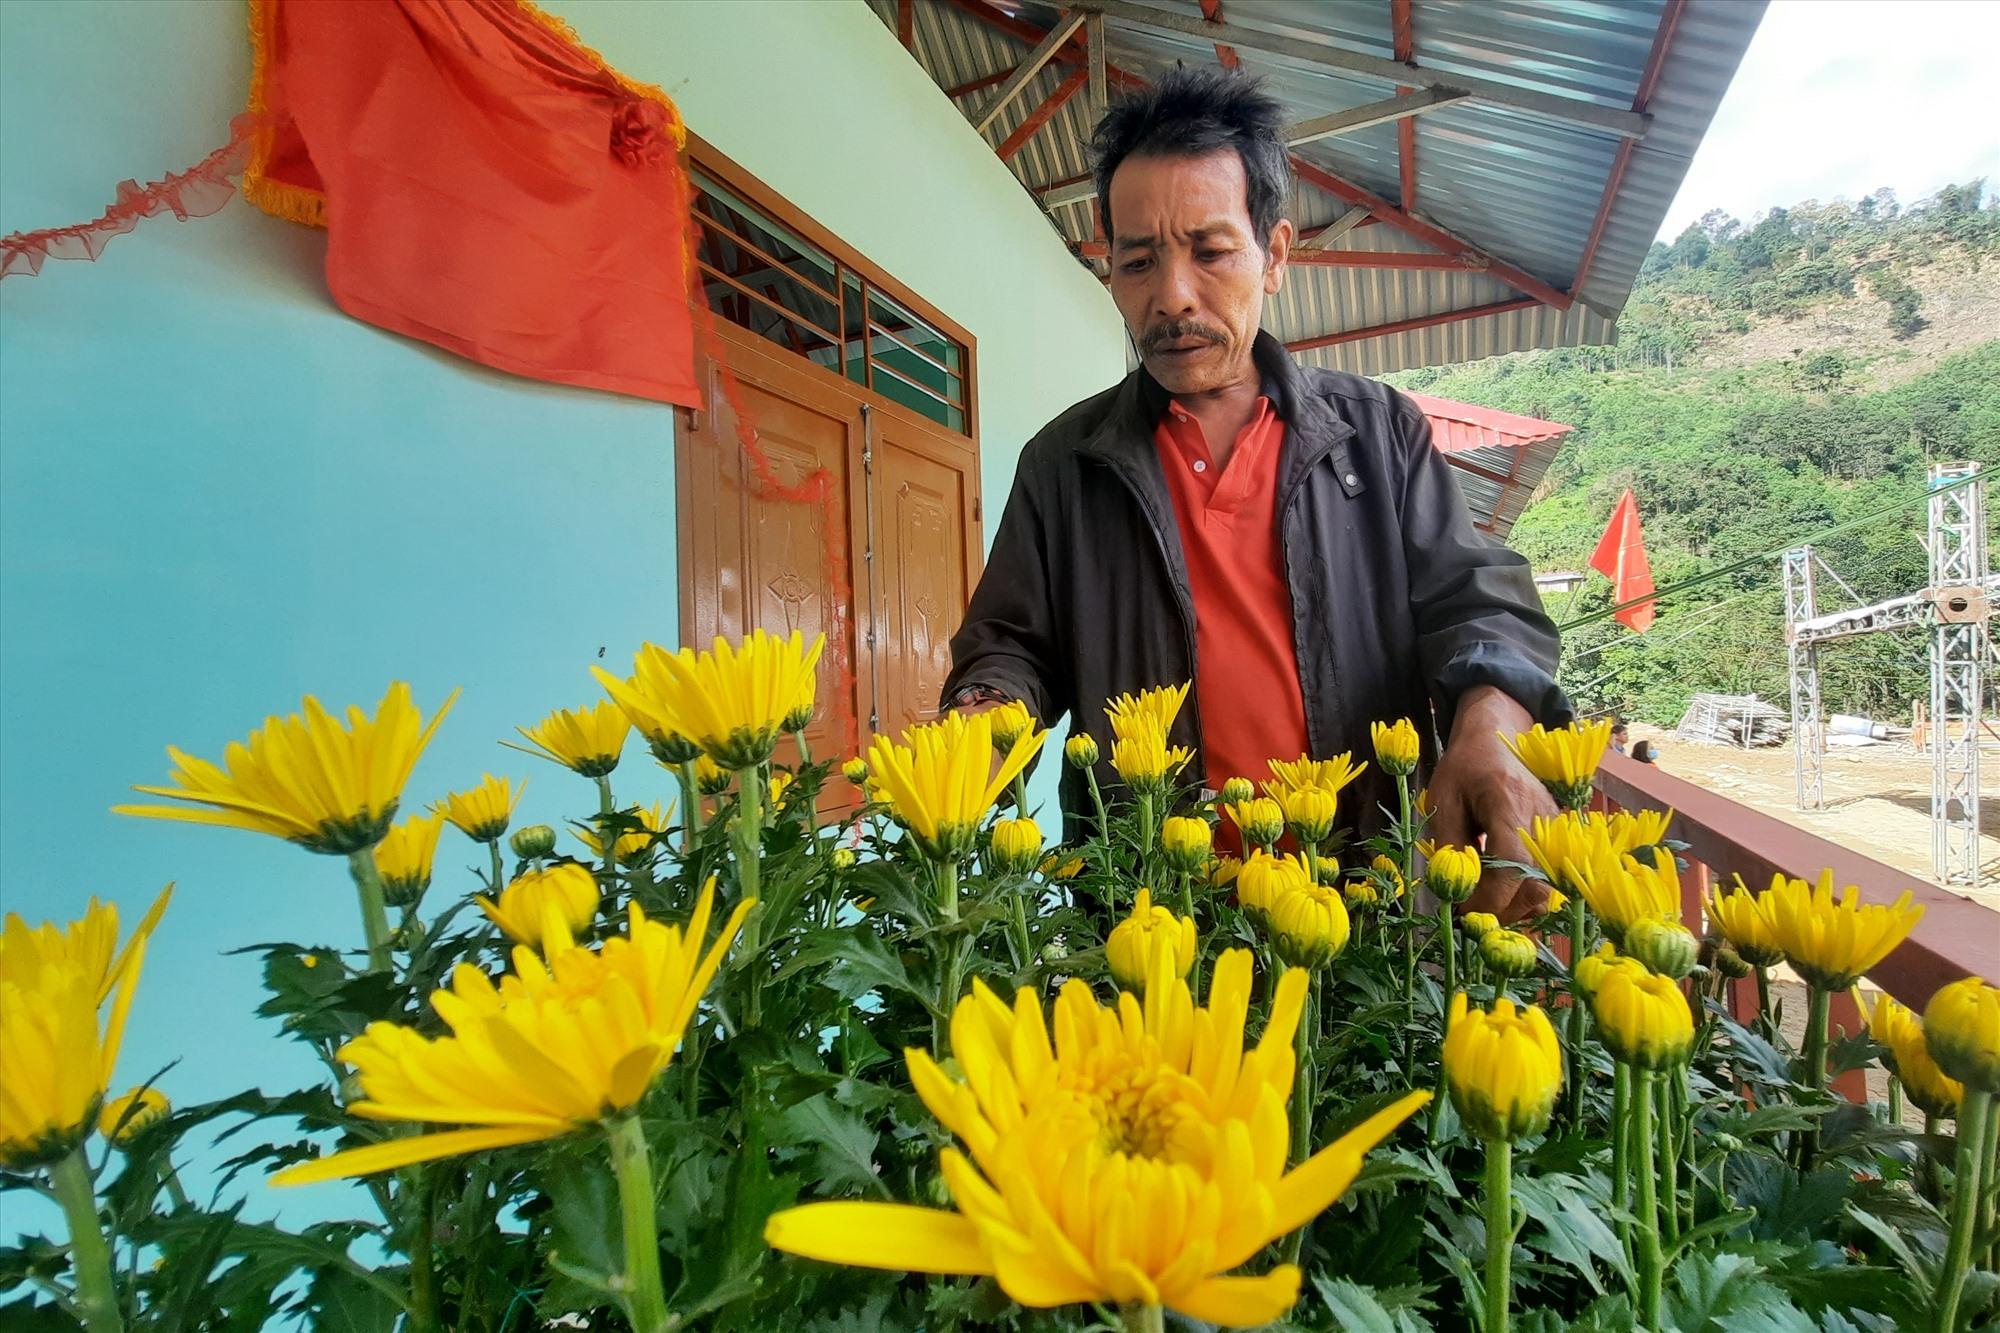 Mùa xuân mới đã về với nhân dân Trà Leng, dần xóa nhòa đi một ký ức tang thương. Ảnh: Đ.ĐẠO